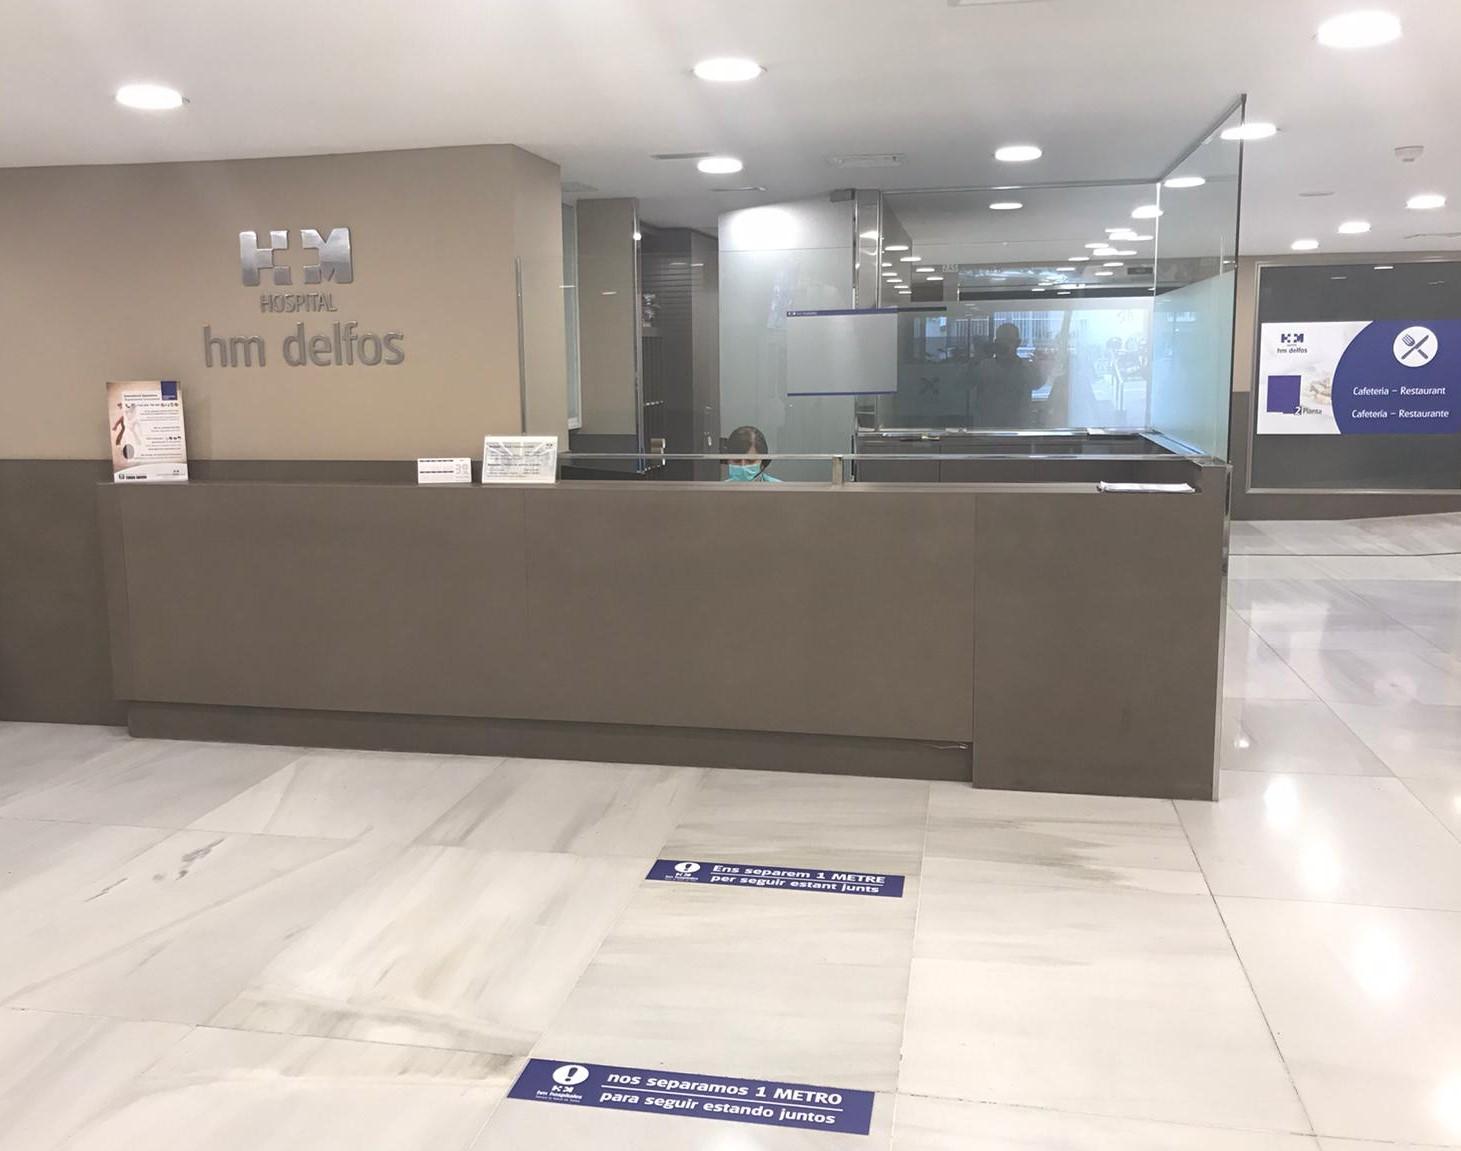 Imatge recepció hospital HM Delfos